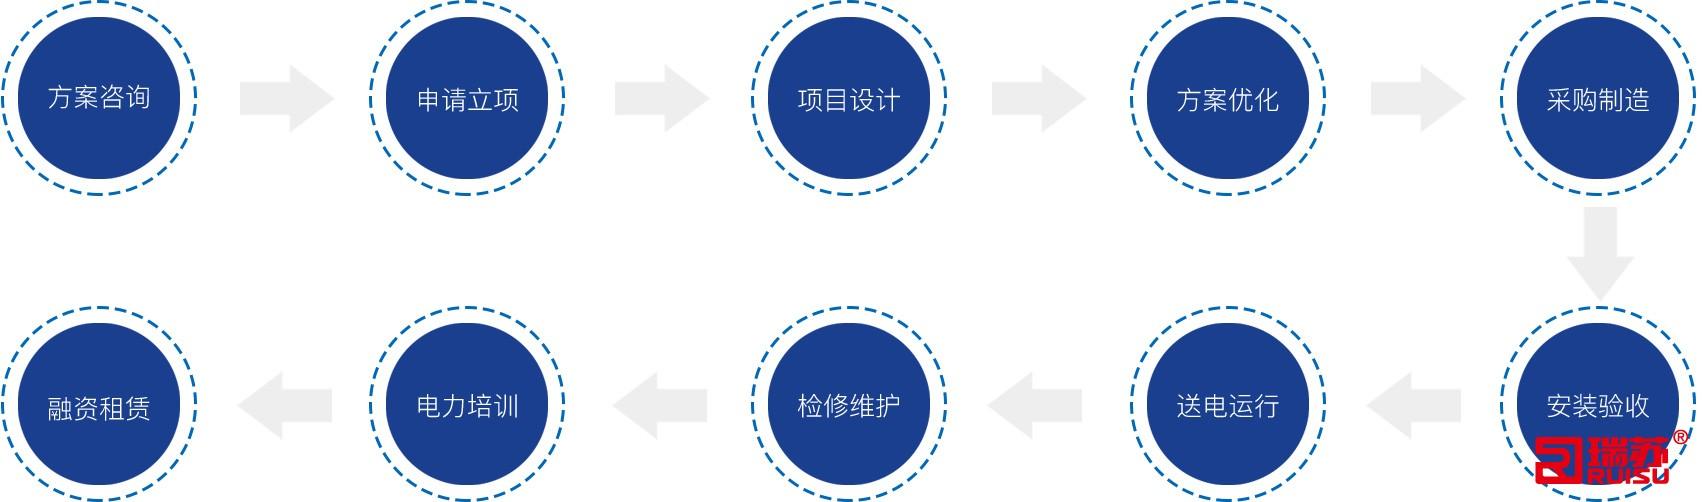 电气设备企业网站模板,电气设备企业网页模板,响应式模板,网站制作,网站建站